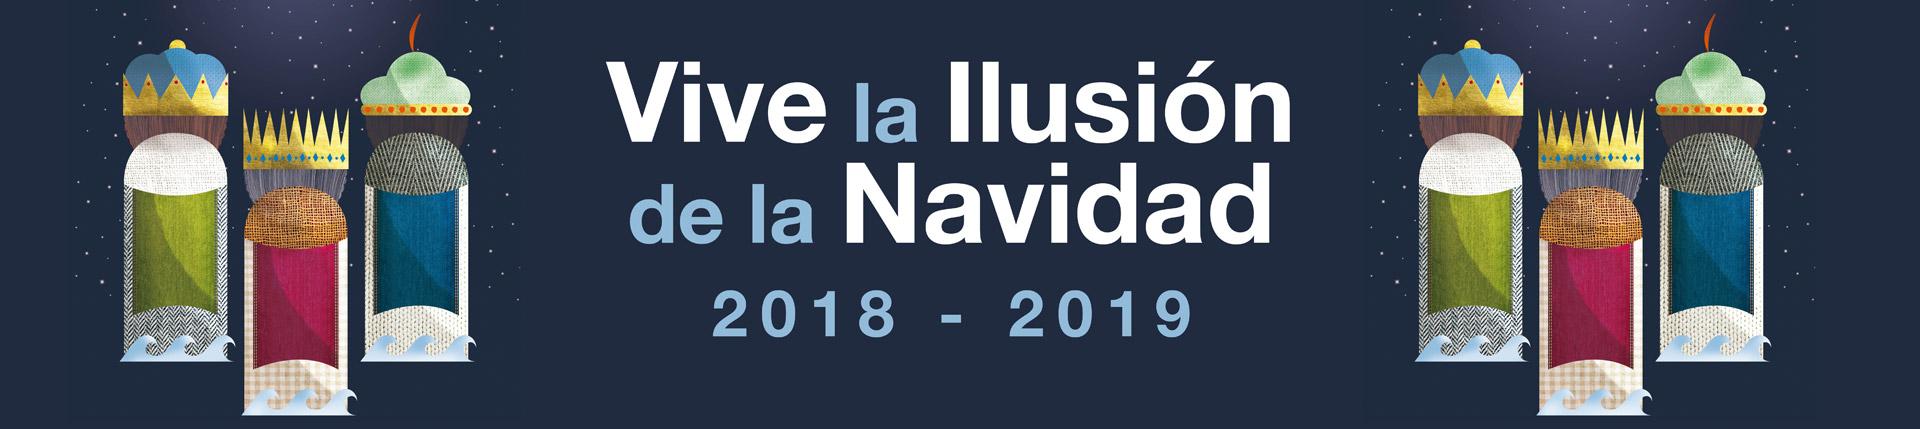 Programación Navideña 2018-2019